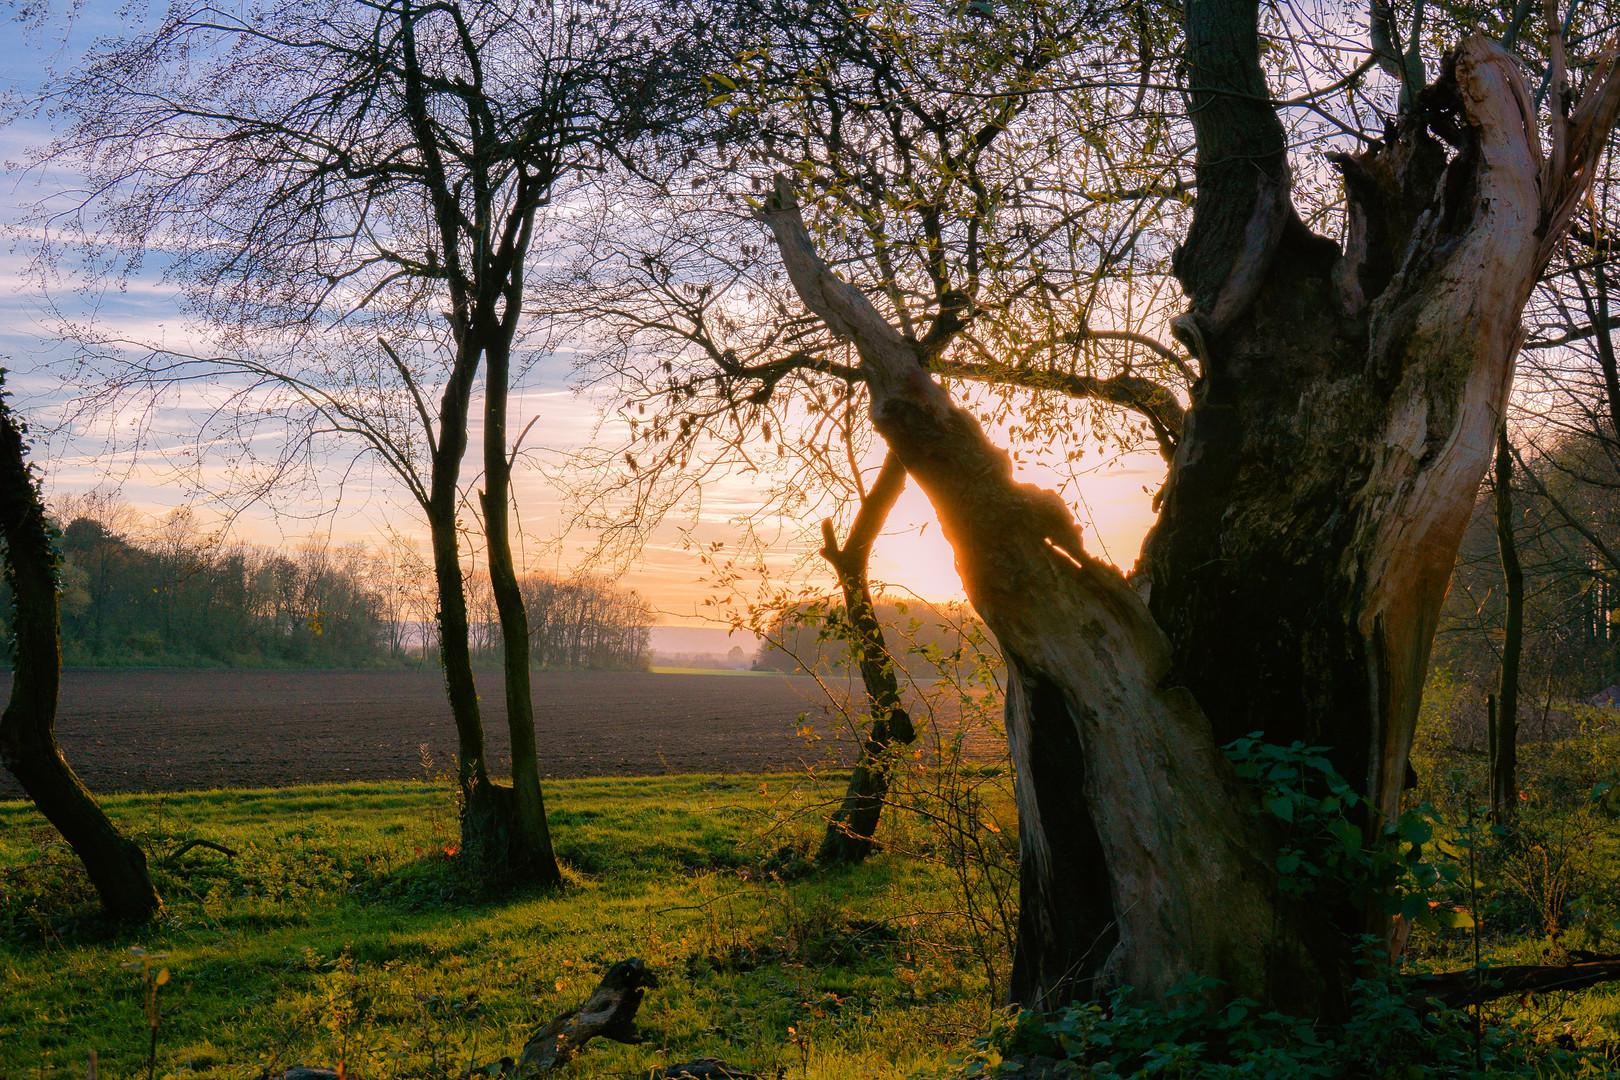 der alte Baum genießt die Sonne